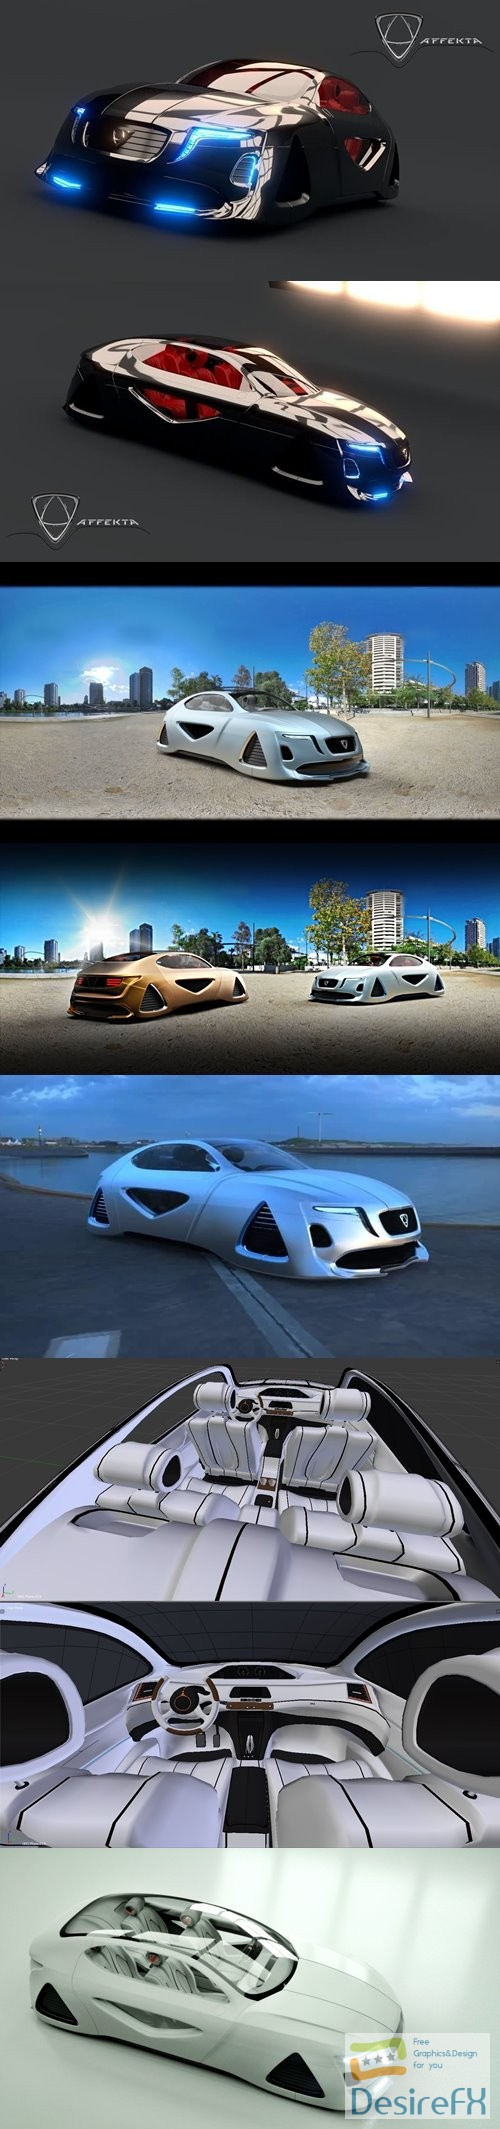 Affekta X-Fusion Sci-Fi concept car 3D Model